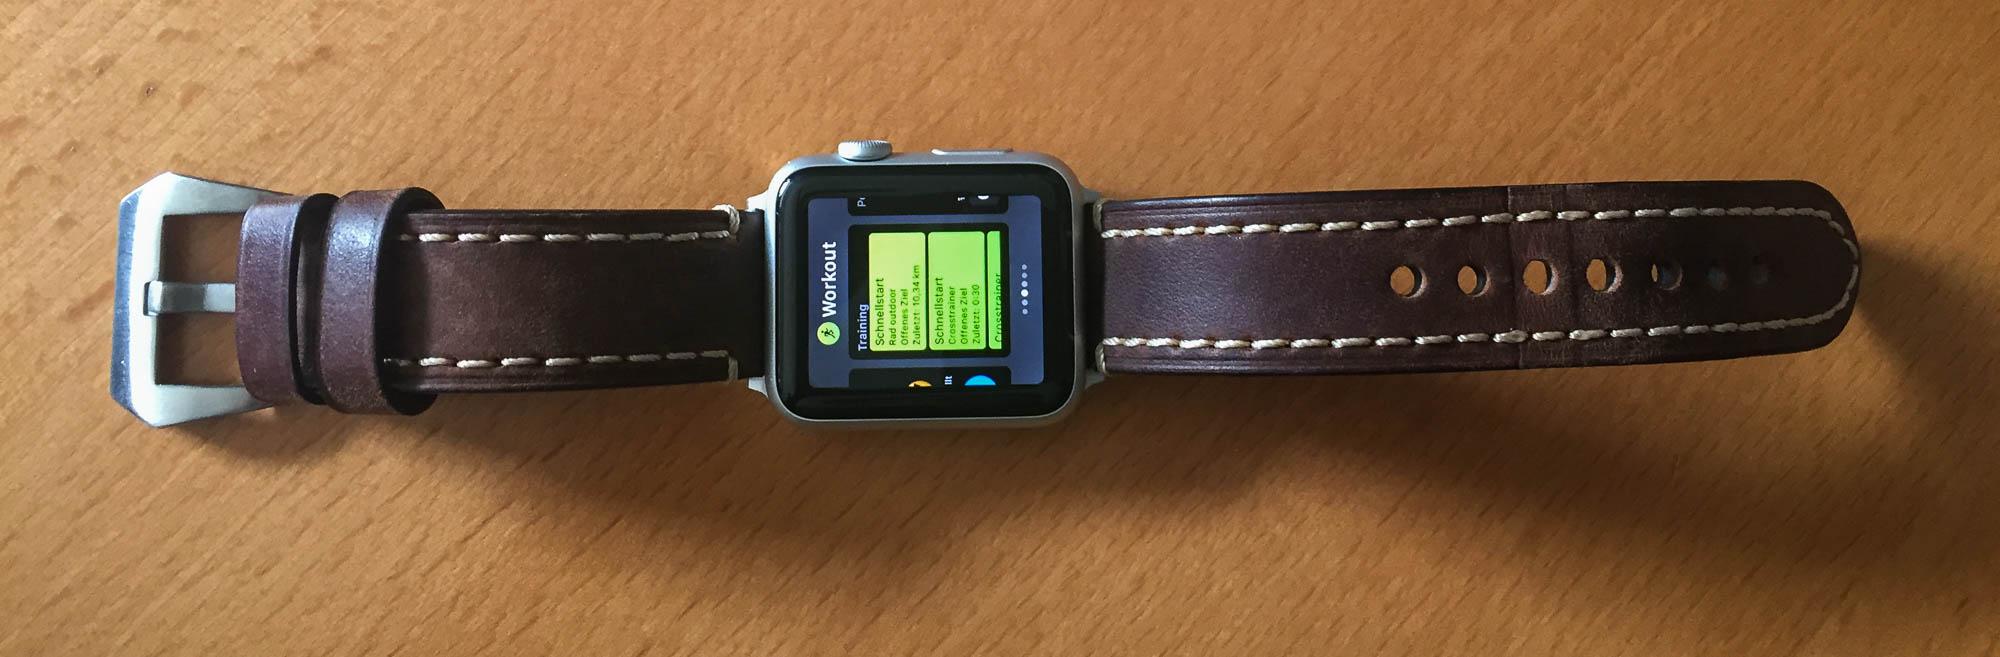 Auch mit WatchOS 3 ist nicht alles gut bei der AppleWatch